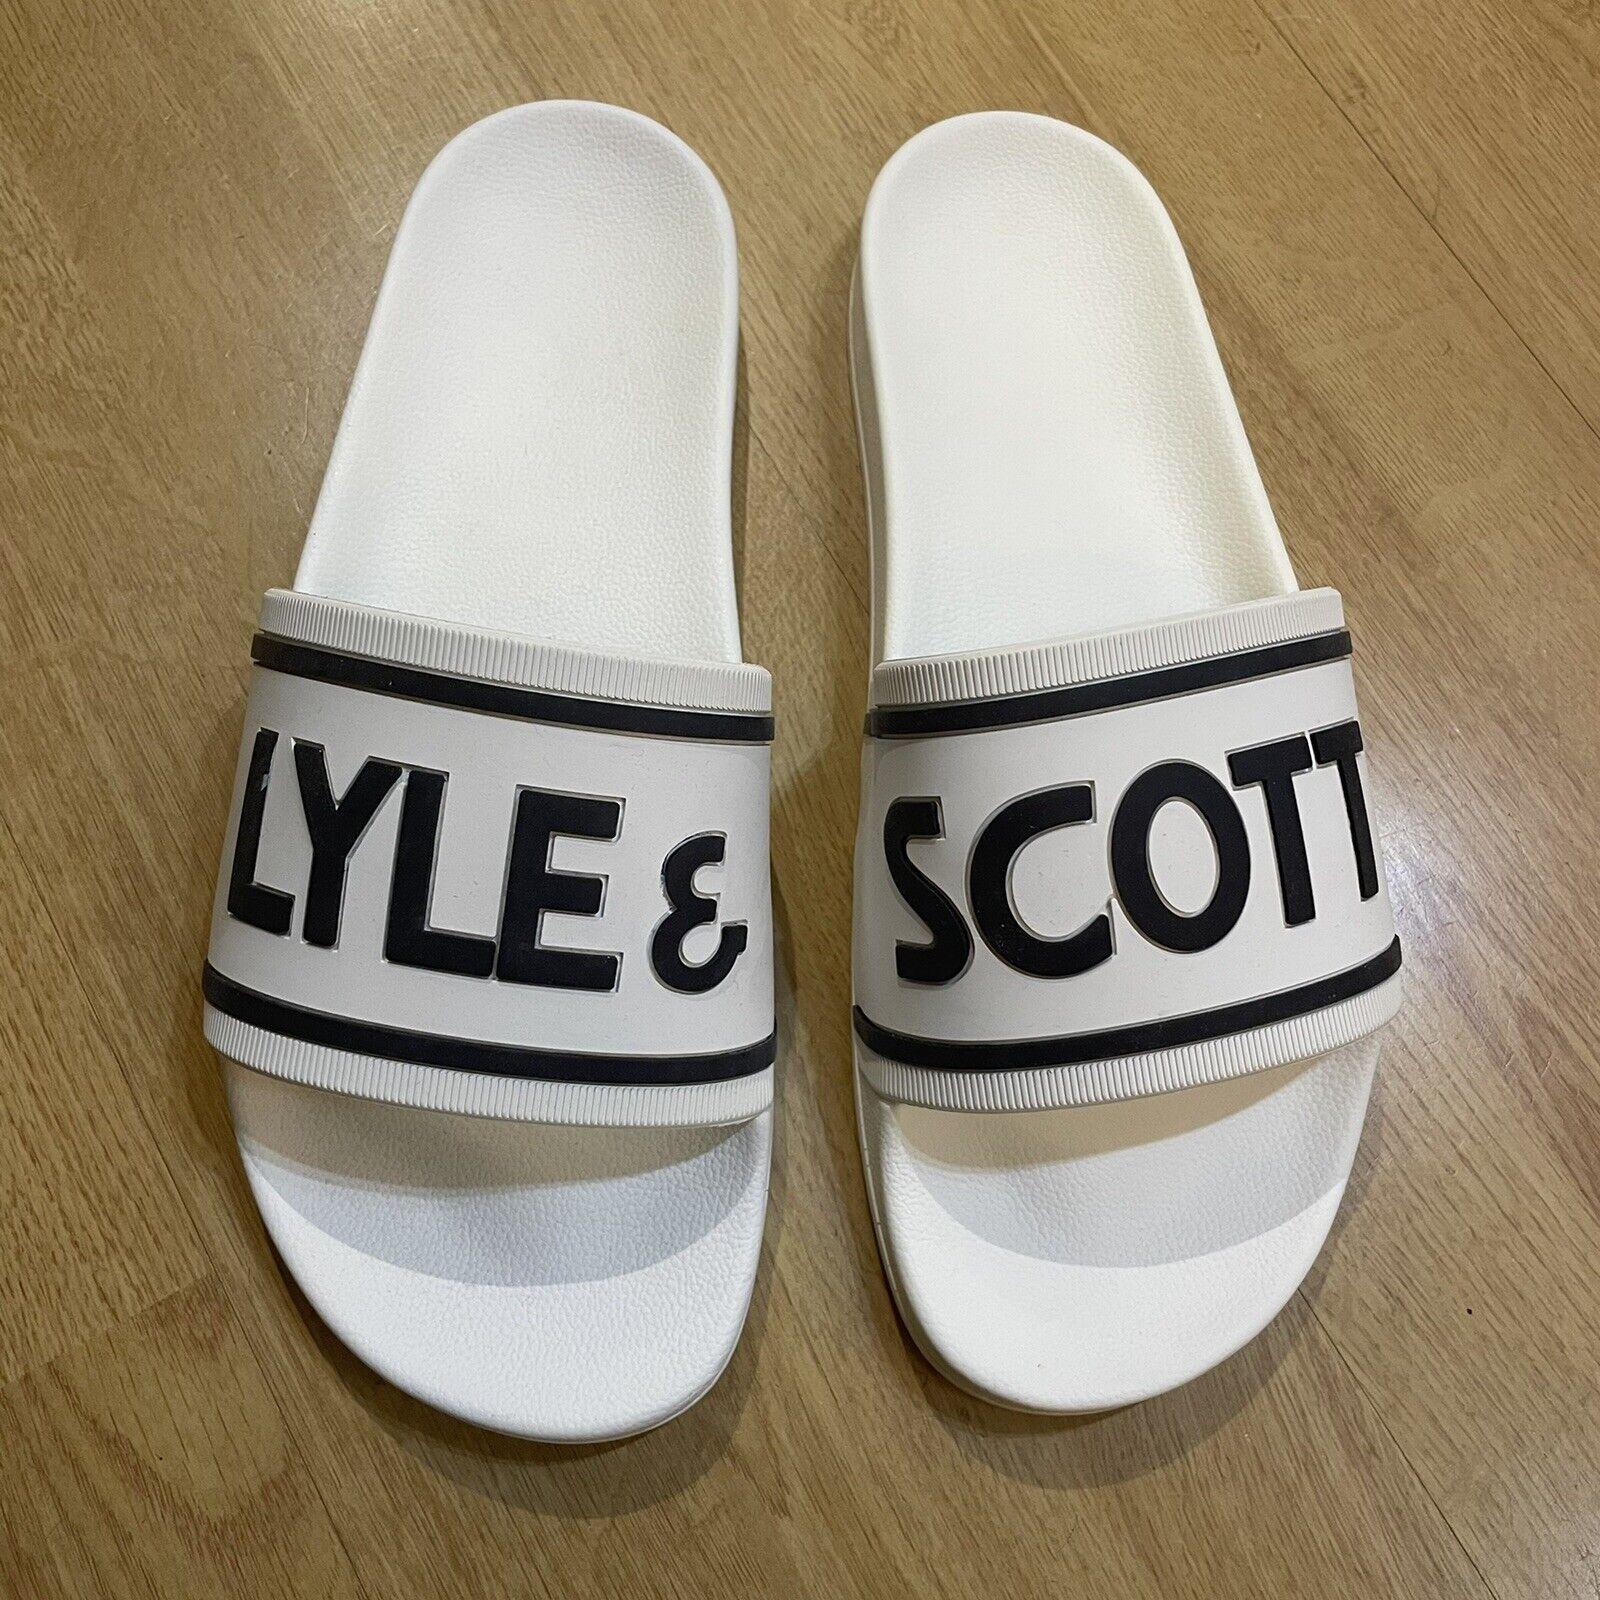 Men's Lyle & Scott Sliders White UK 12 RRP